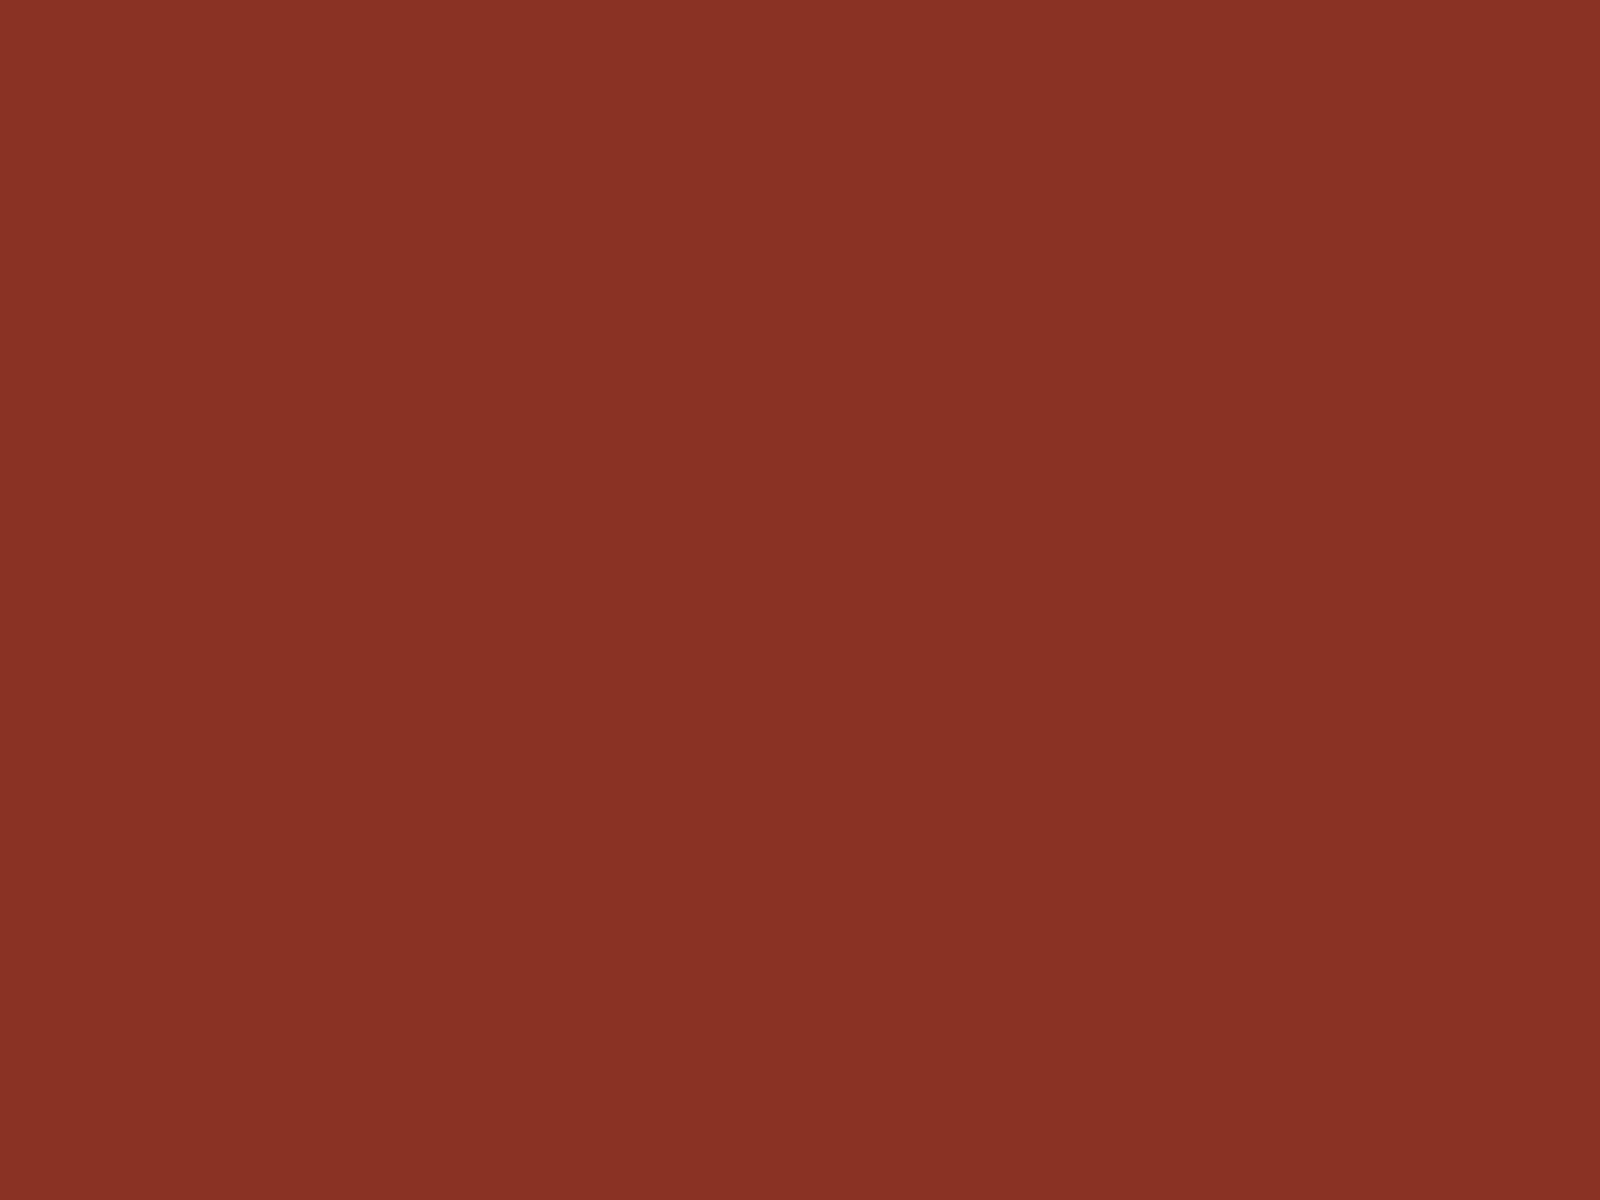 1600x1200 Burnt Umber Solid Color Background